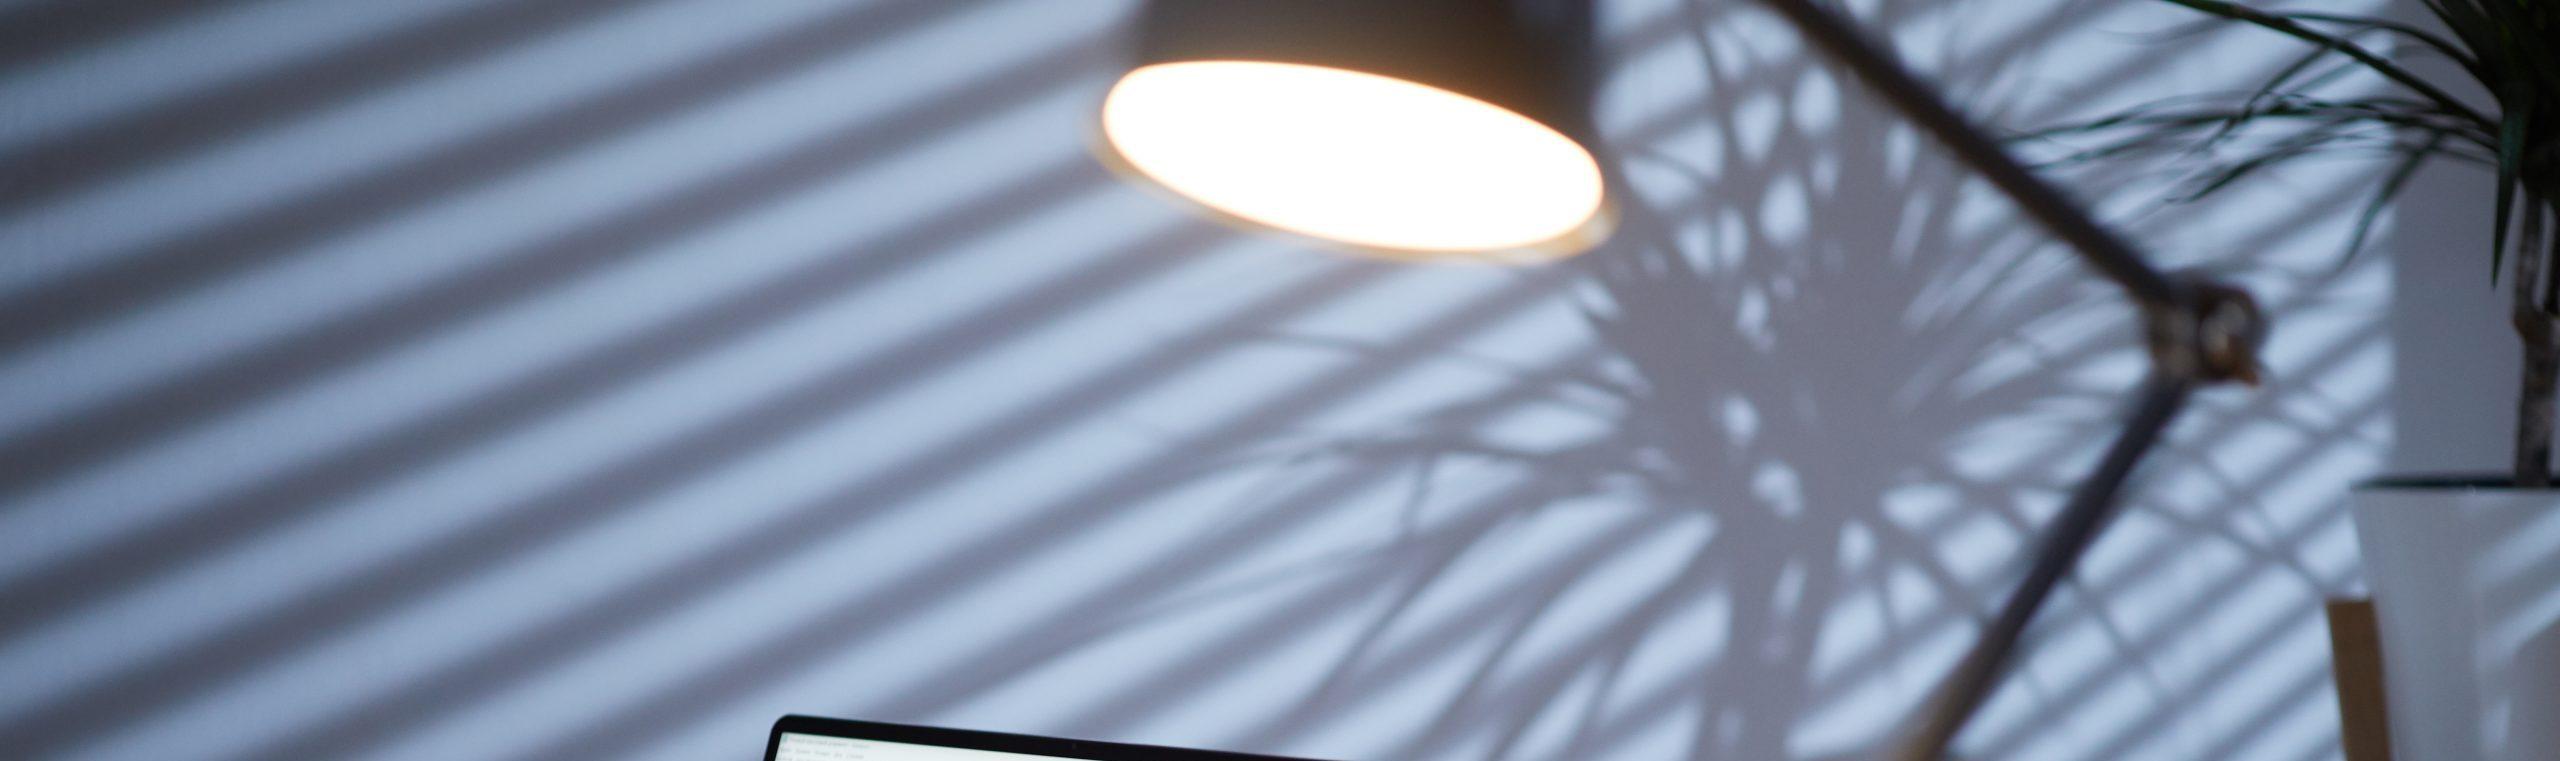 meilleure lampe bureau